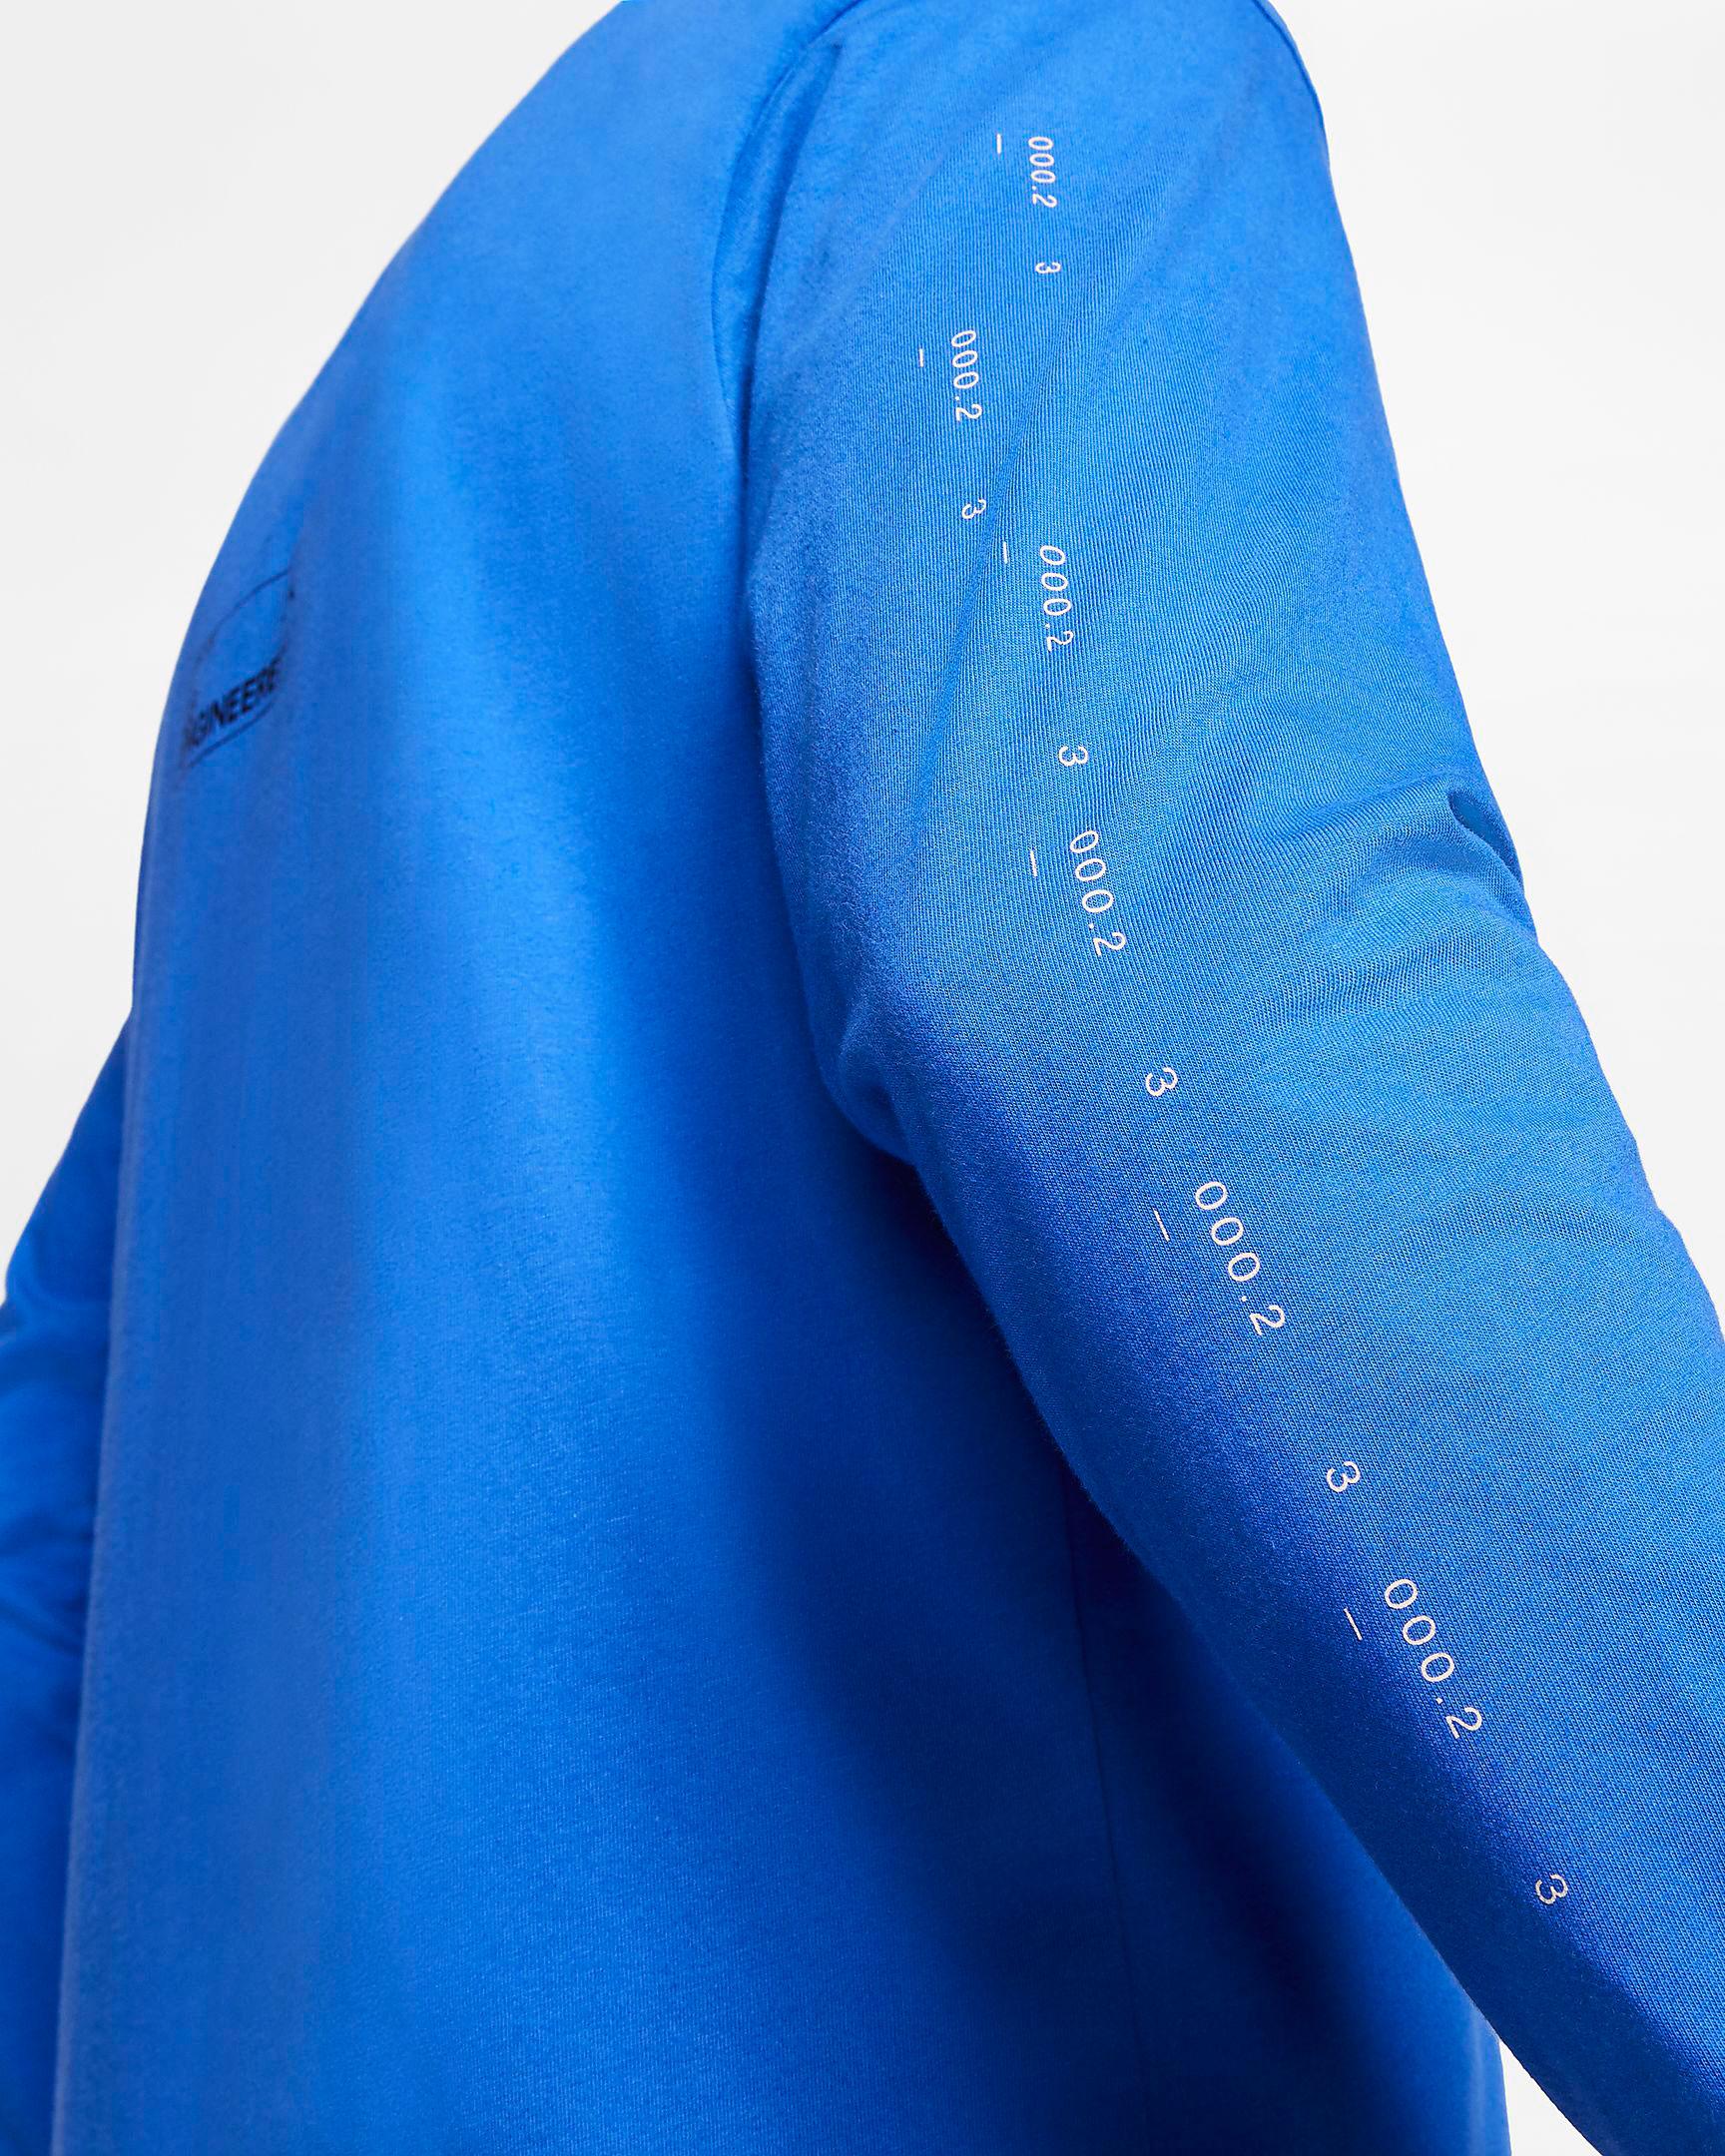 air-jordan-9-racer-blue-shirt-match-3